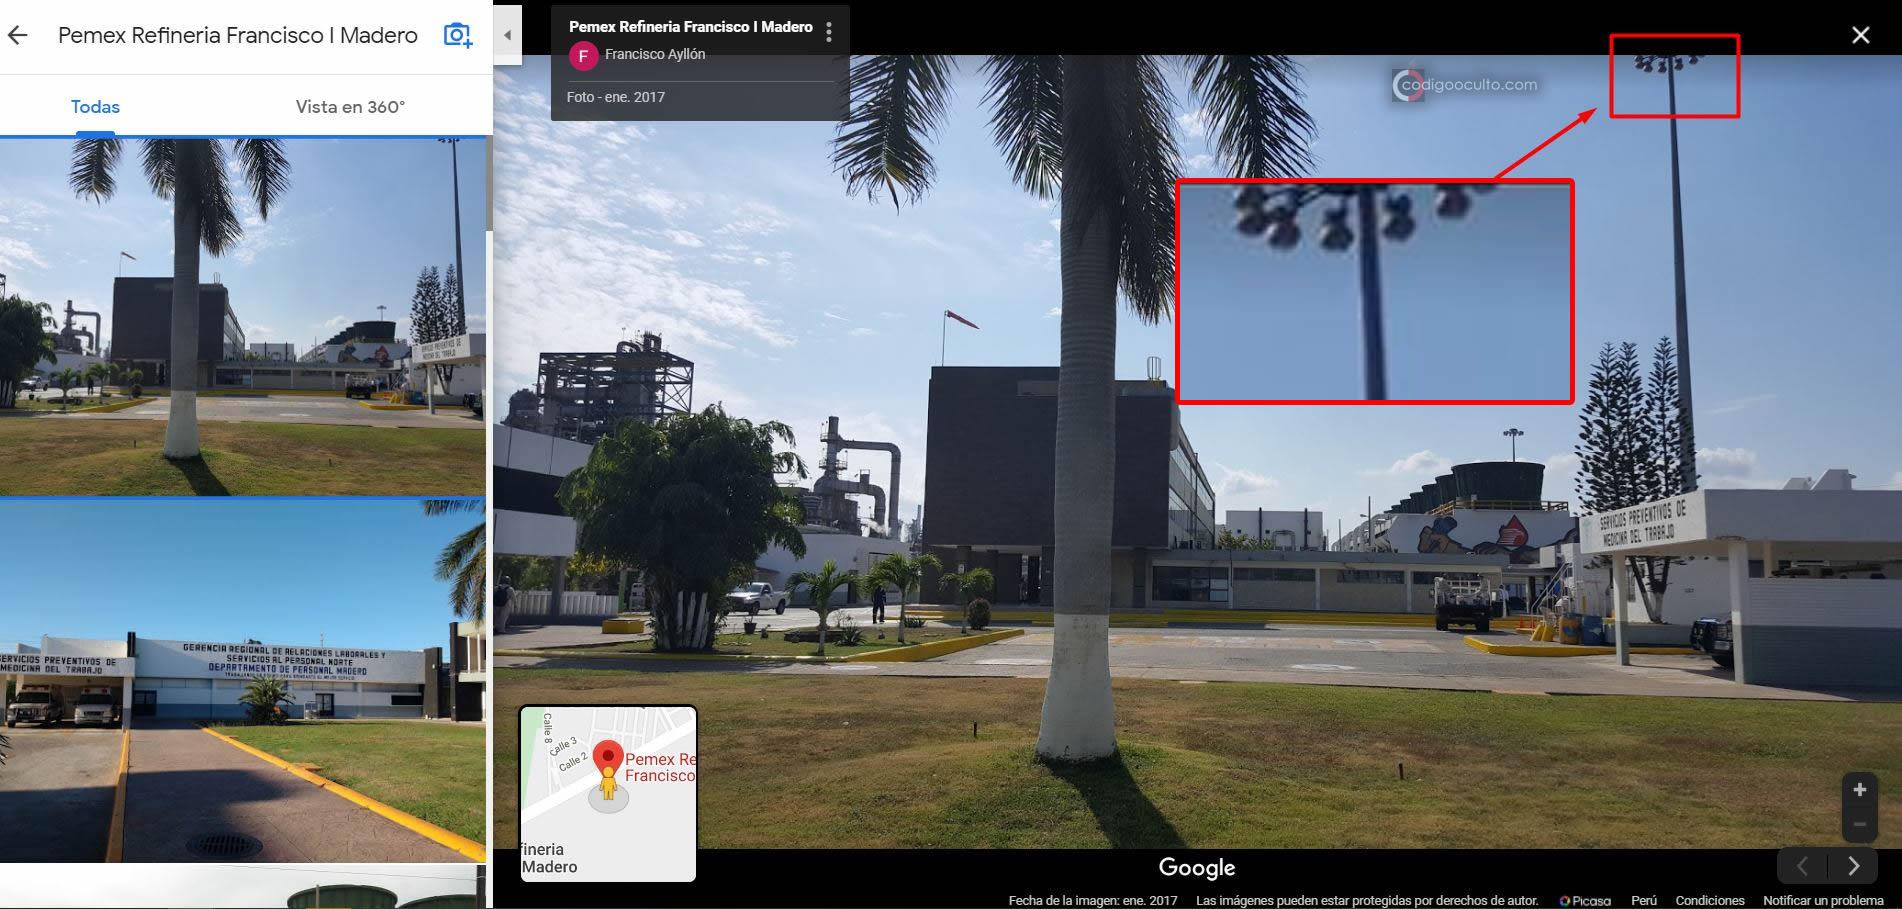 Farolas de calle con forma de platillo cerca de la Refinería Francisco Madero I Pemex, mismo lugar donde se fotografió el supuesto OVNI